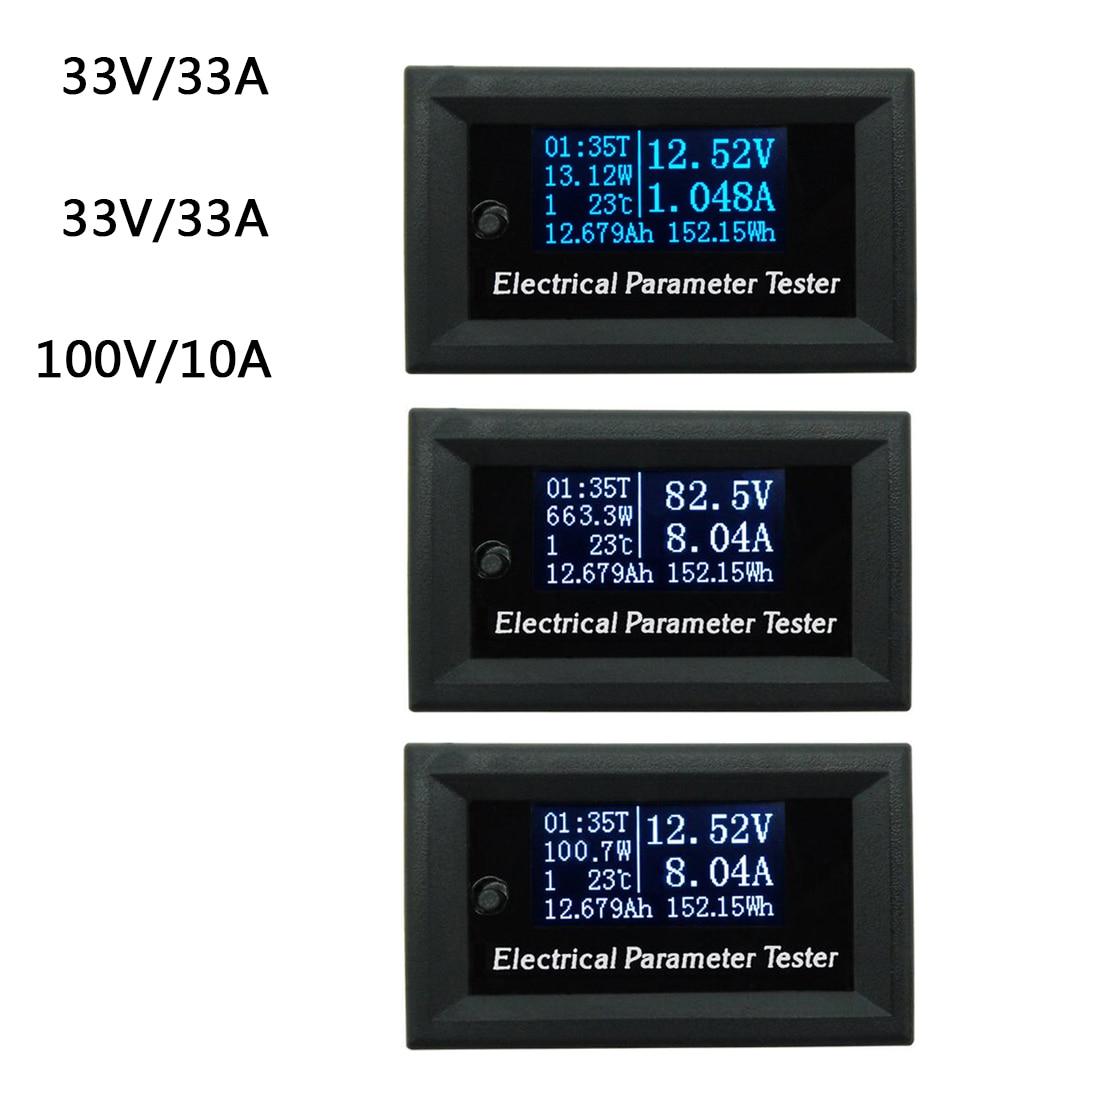 Medidor multifunción 7in1 OLED LCD 33v 3A voltaje corriente tiempo capacidad voltímetro amperímetro medidor eléctrico azul